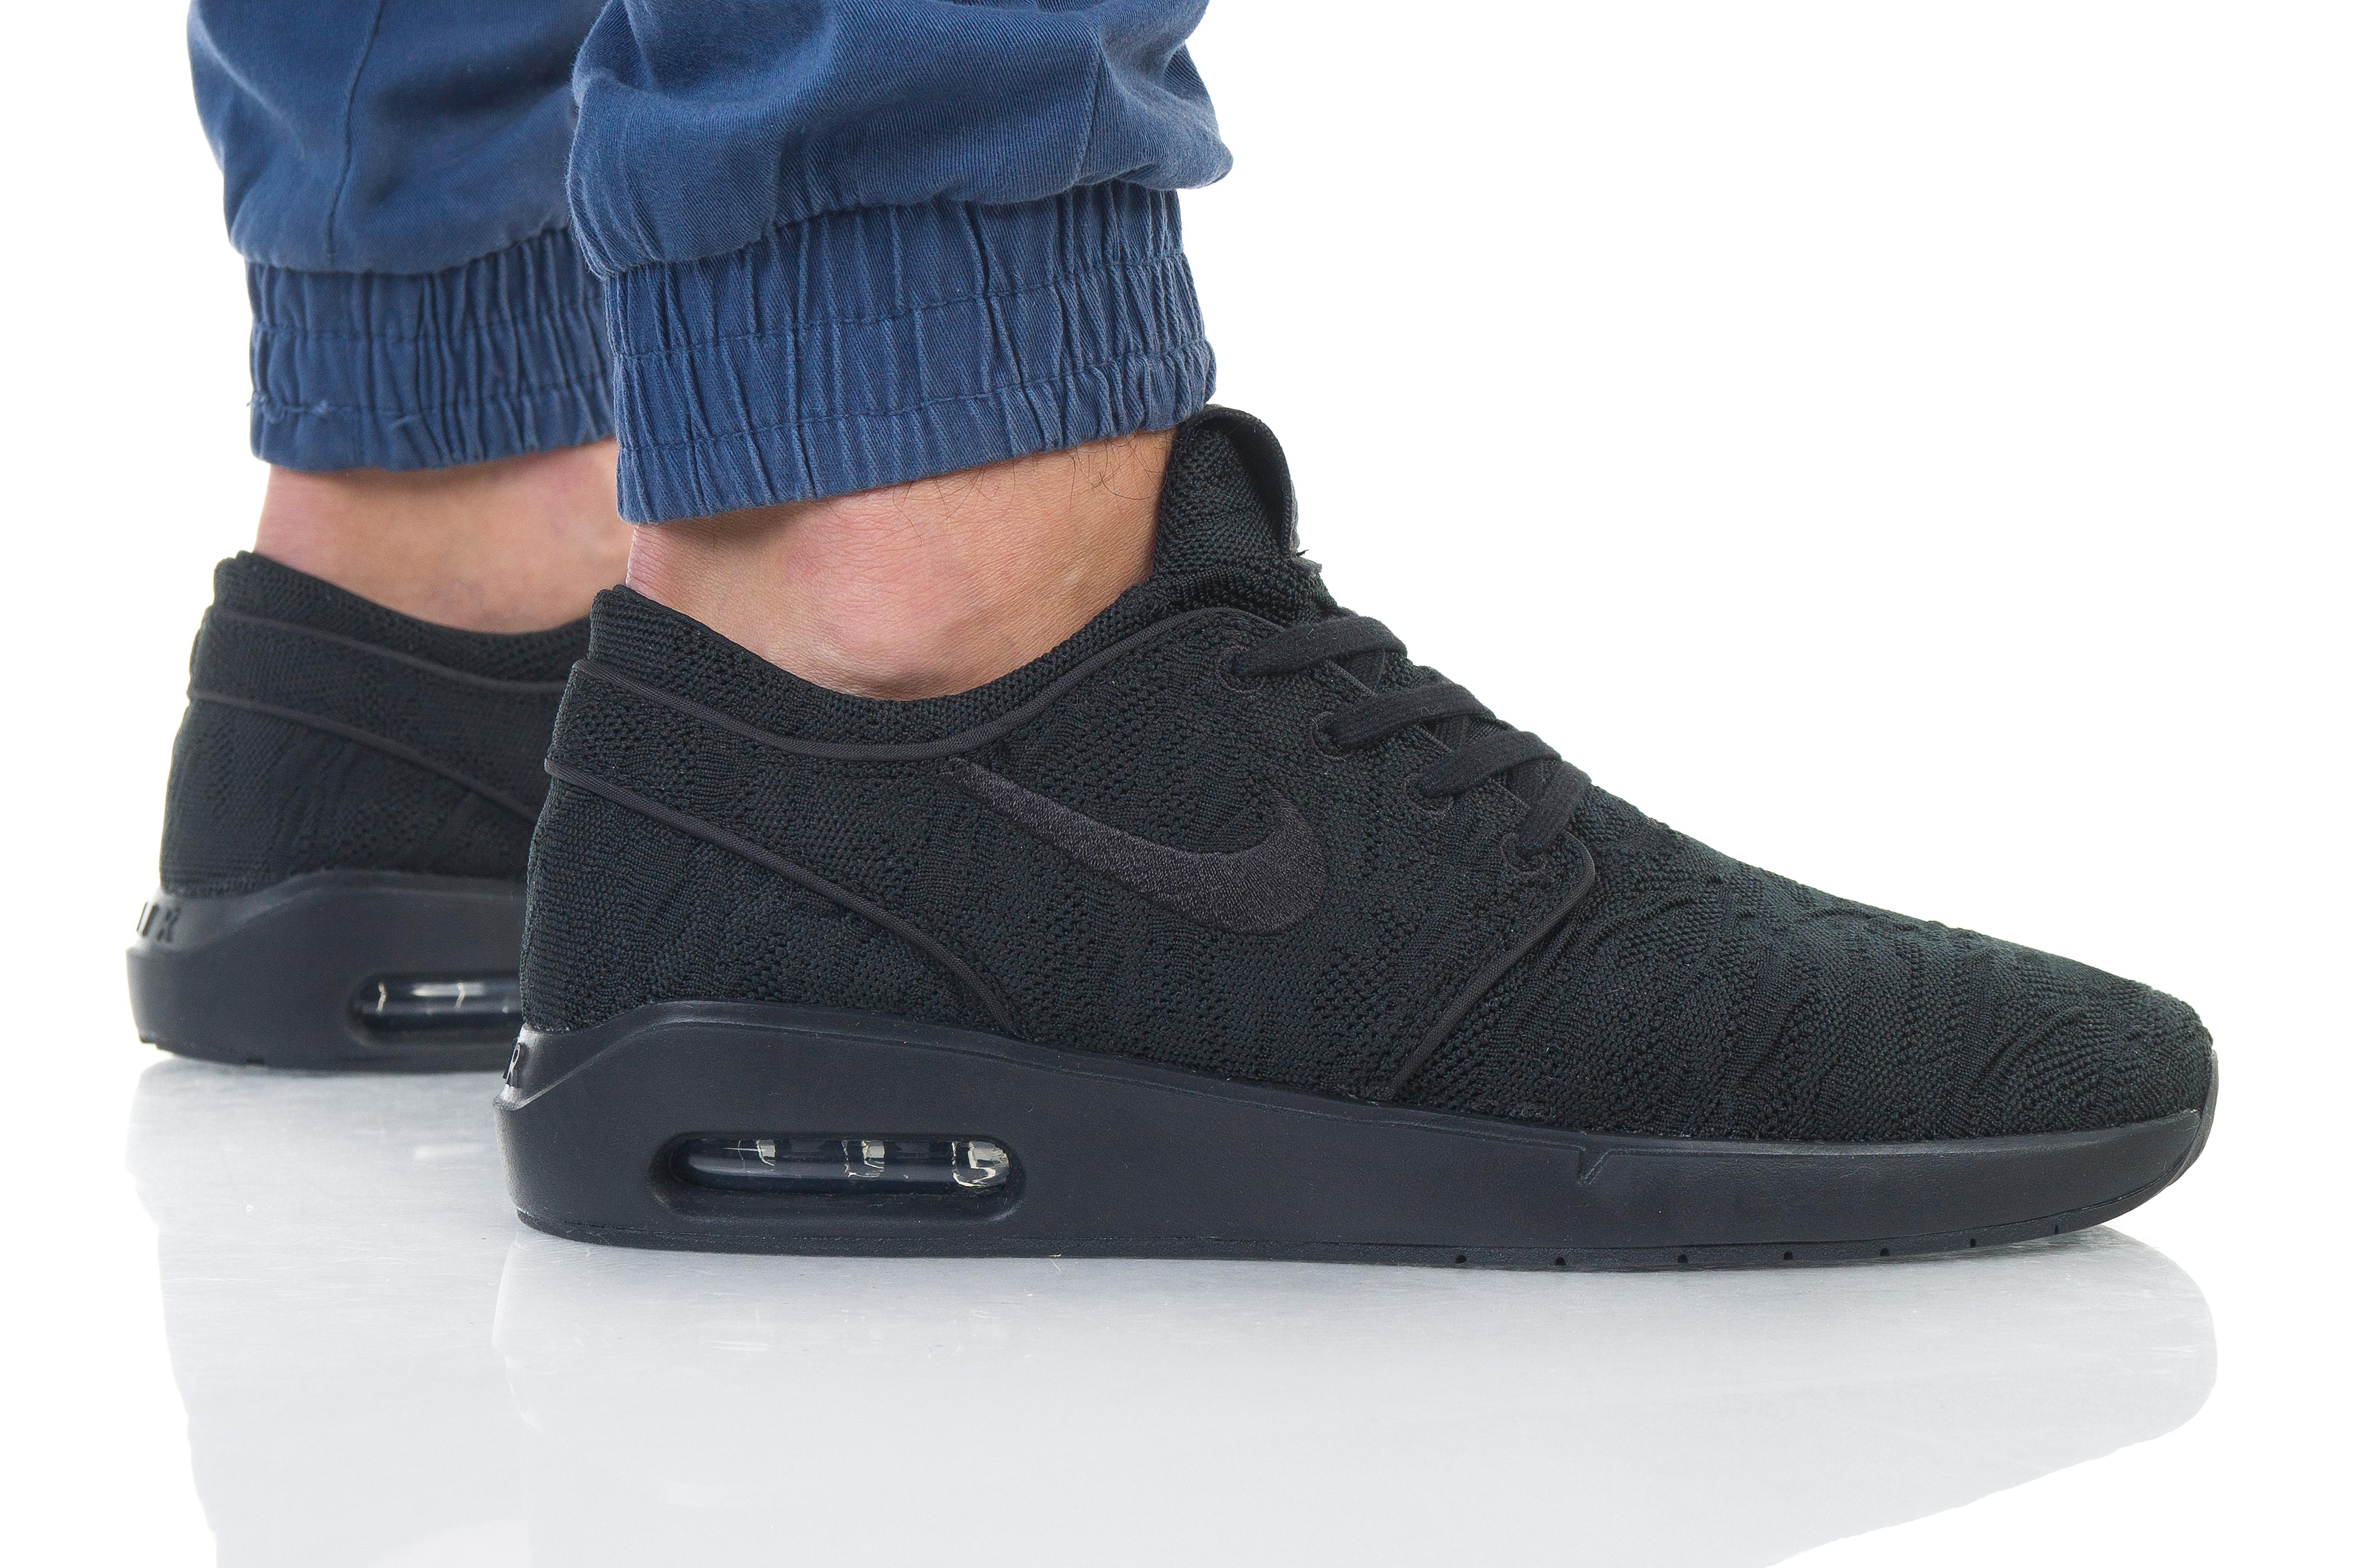 נעליים נייק לגברים Nike SB AIR MAX JANOSKI 2 - שחור